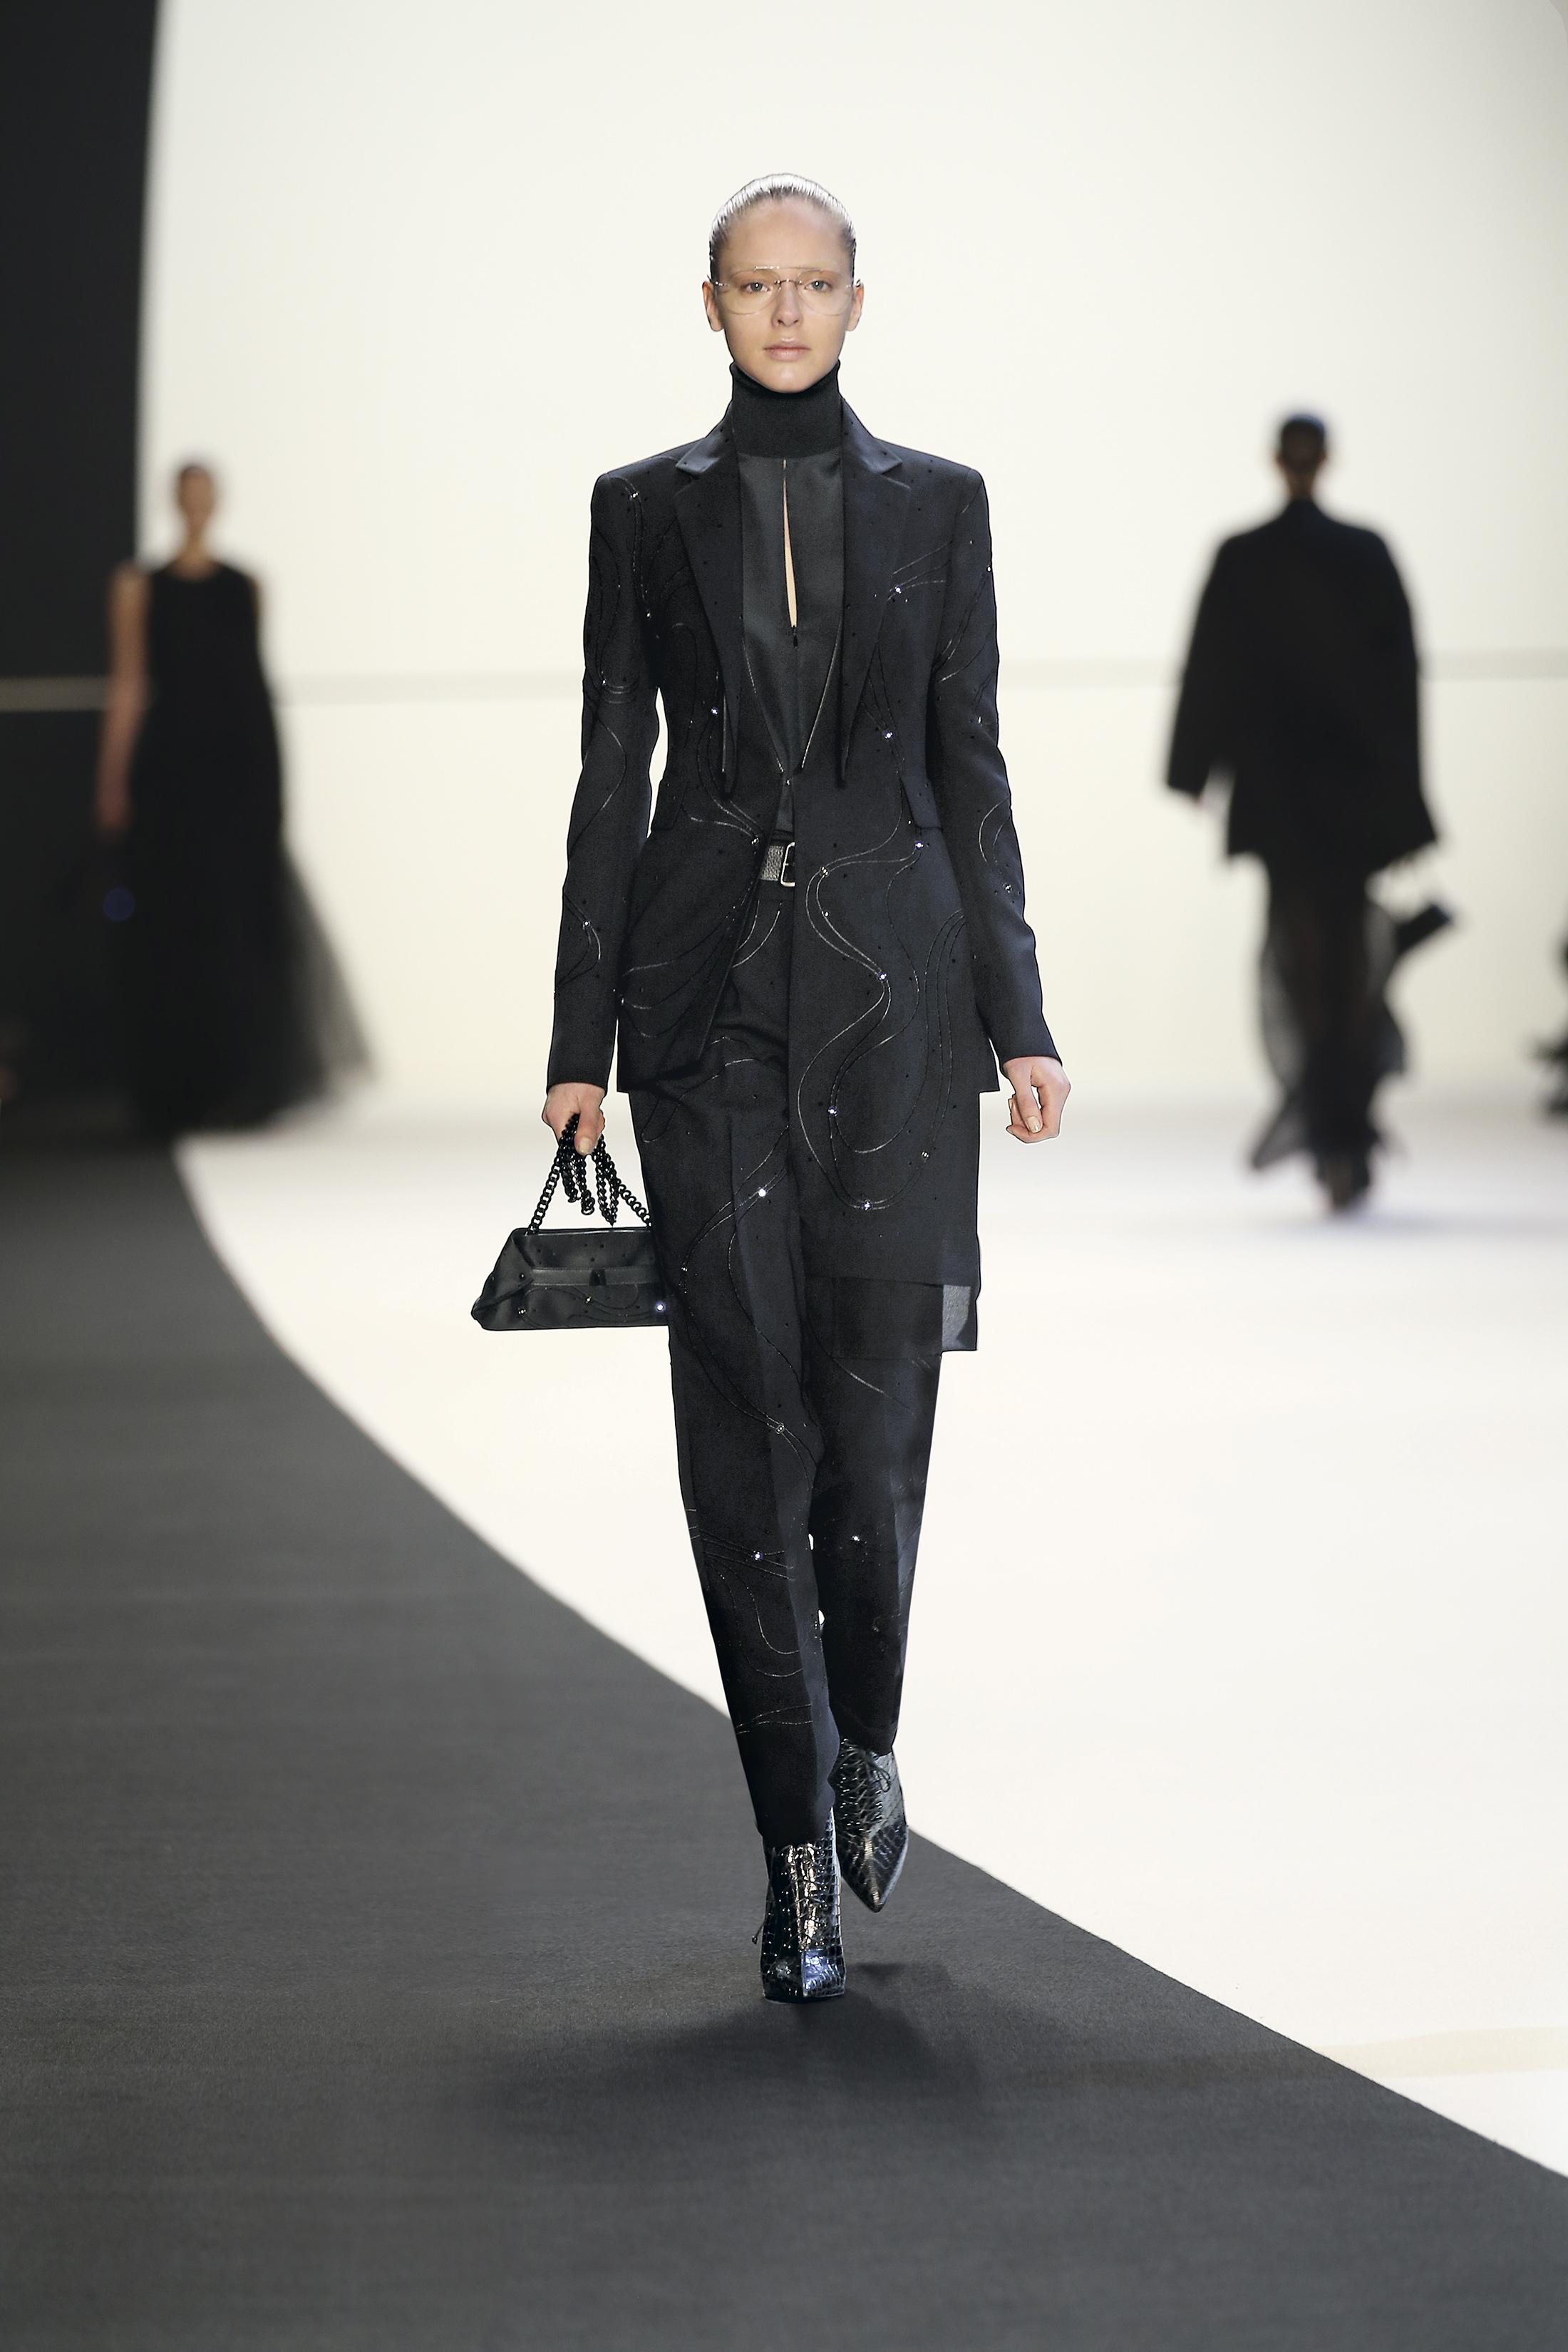 Jaqueta e calças da marca Akris, 2014. Lâmpadas LED, bordado em crepe crepe de seda, cinto de couro